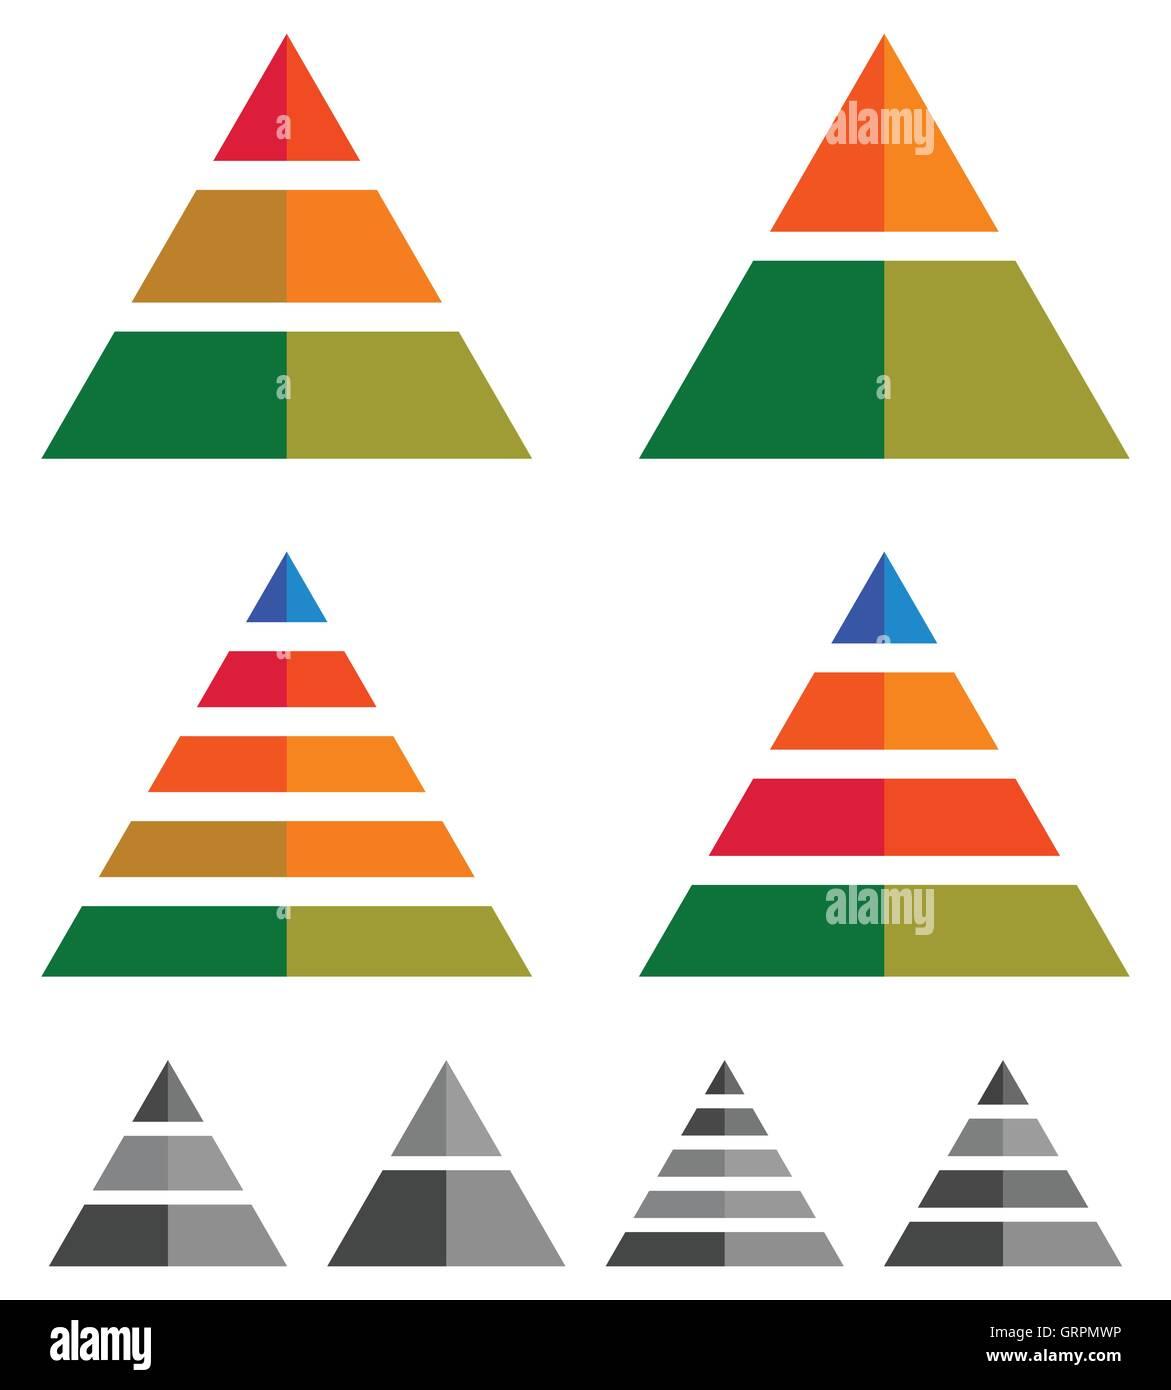 Как сделать треугольную диаграмму